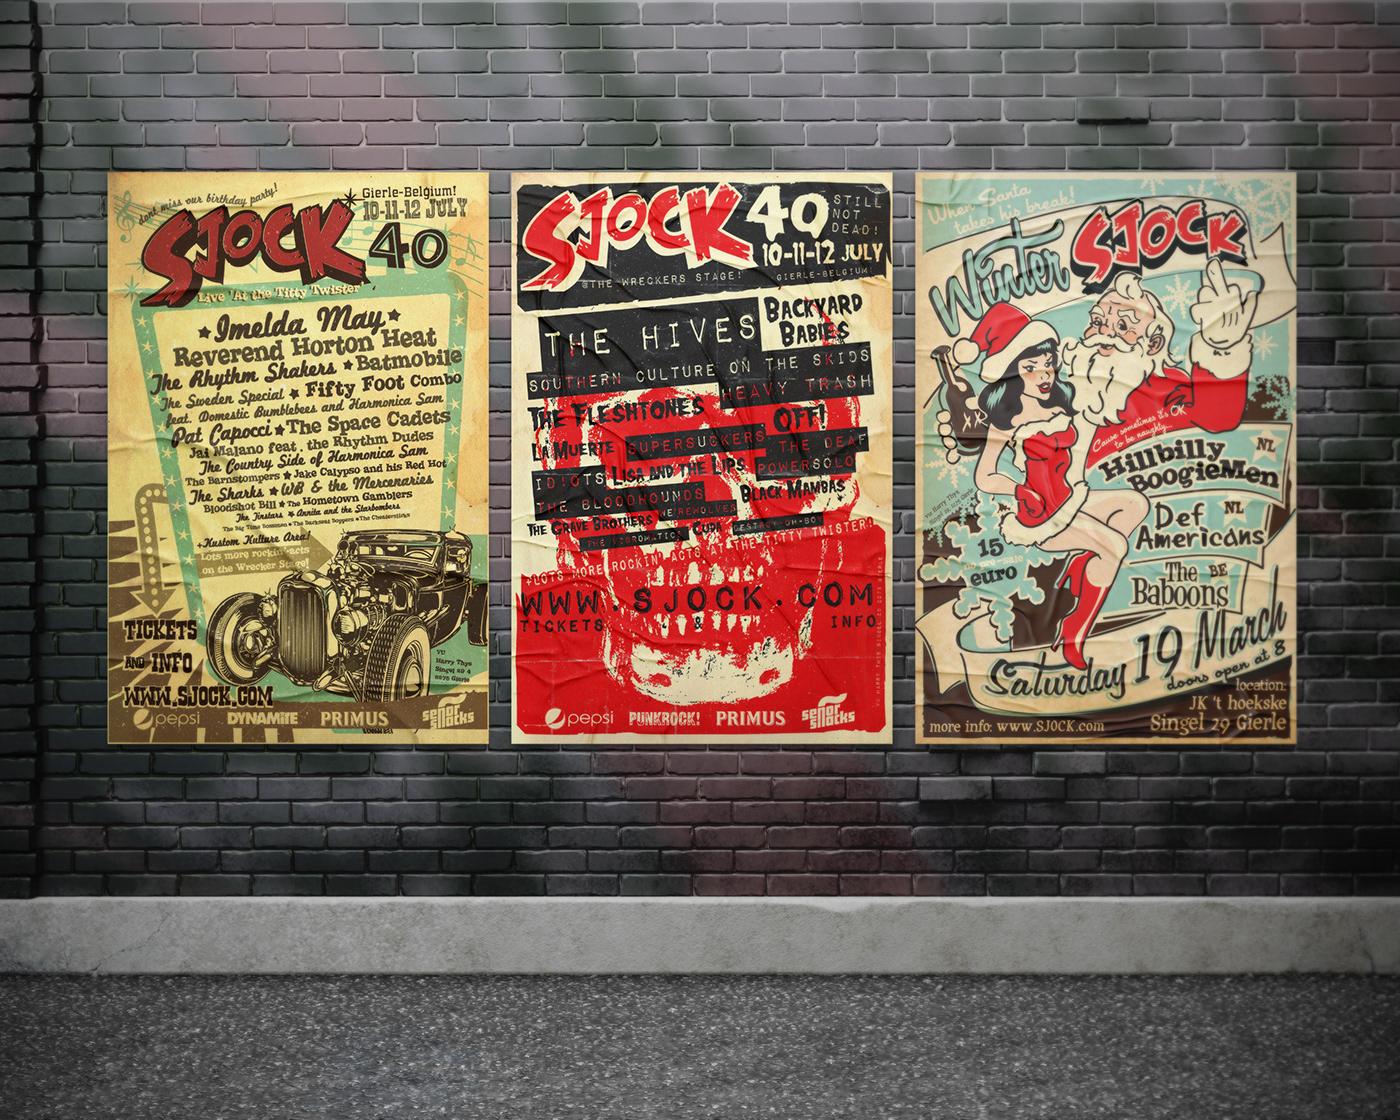 festival poster rock